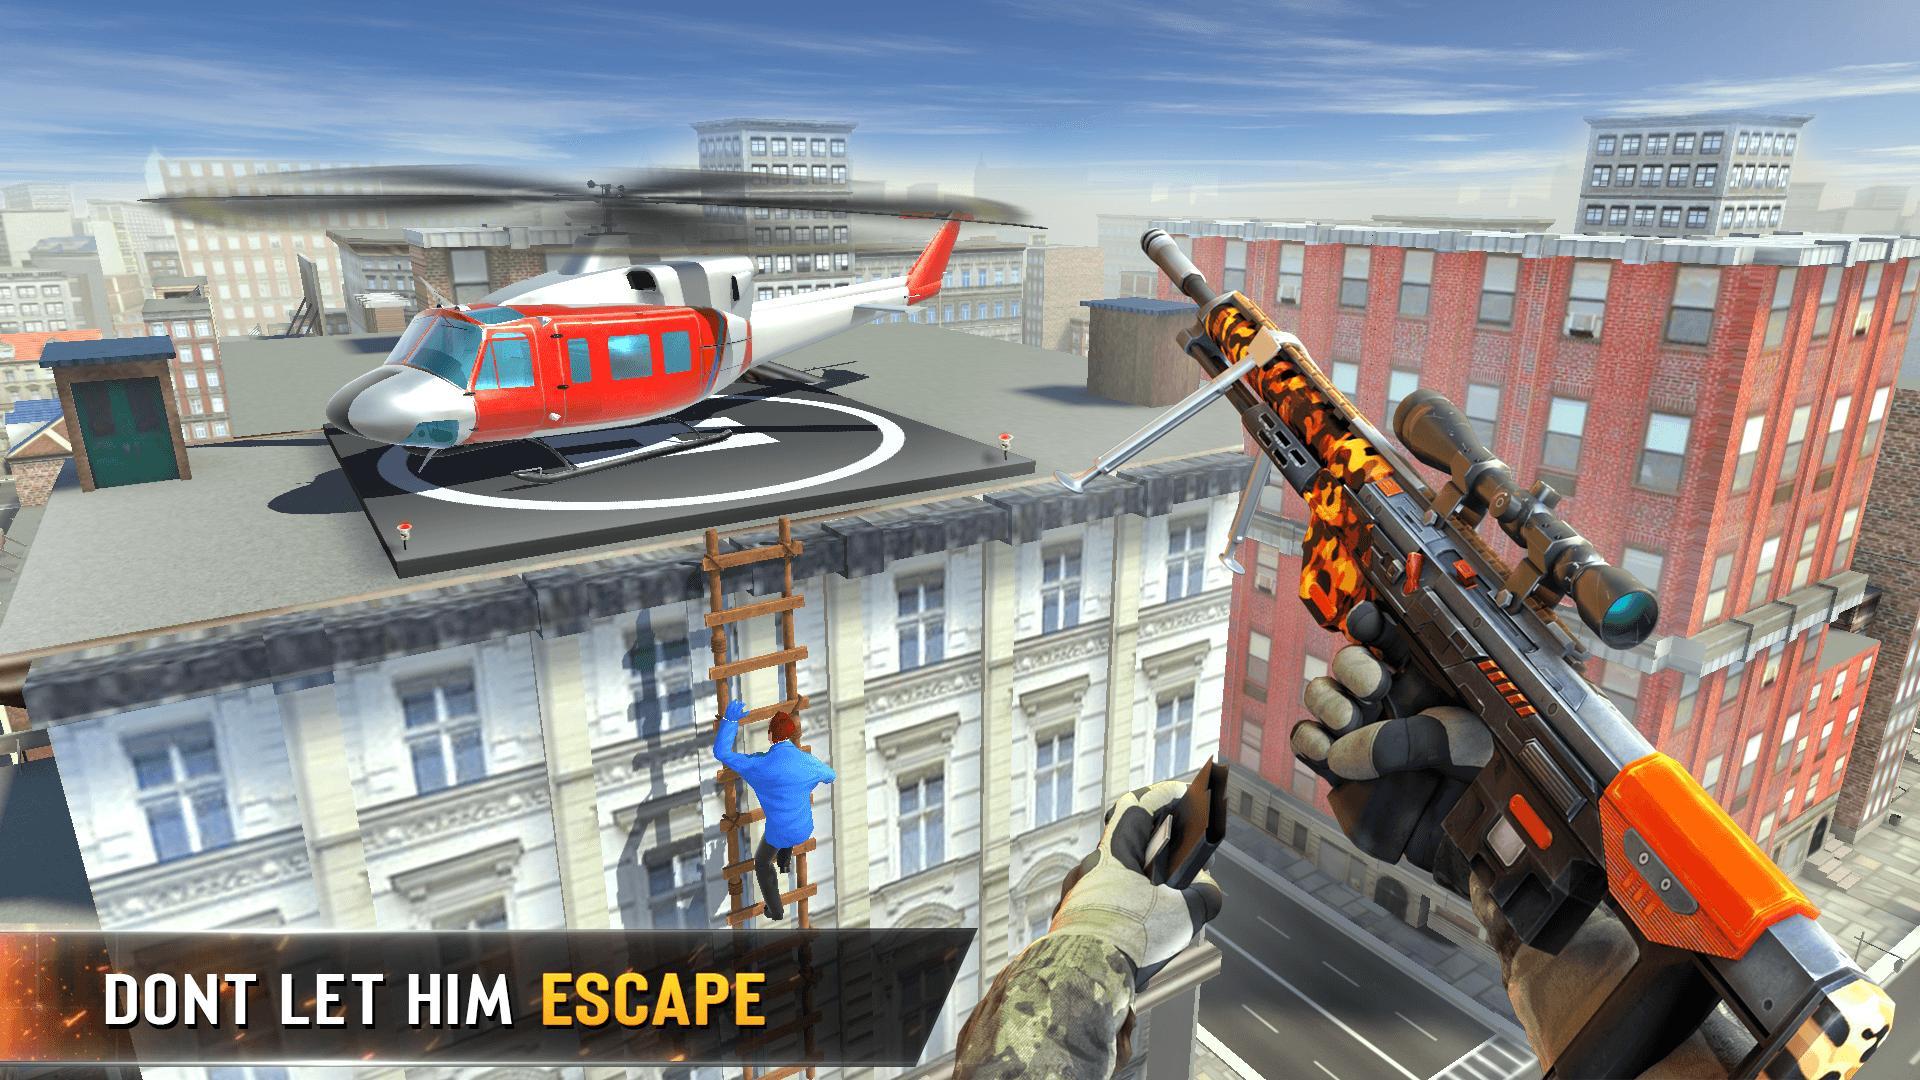 New Sniper Shooter: Free offline 3D shooting games 1.78 Screenshot 8